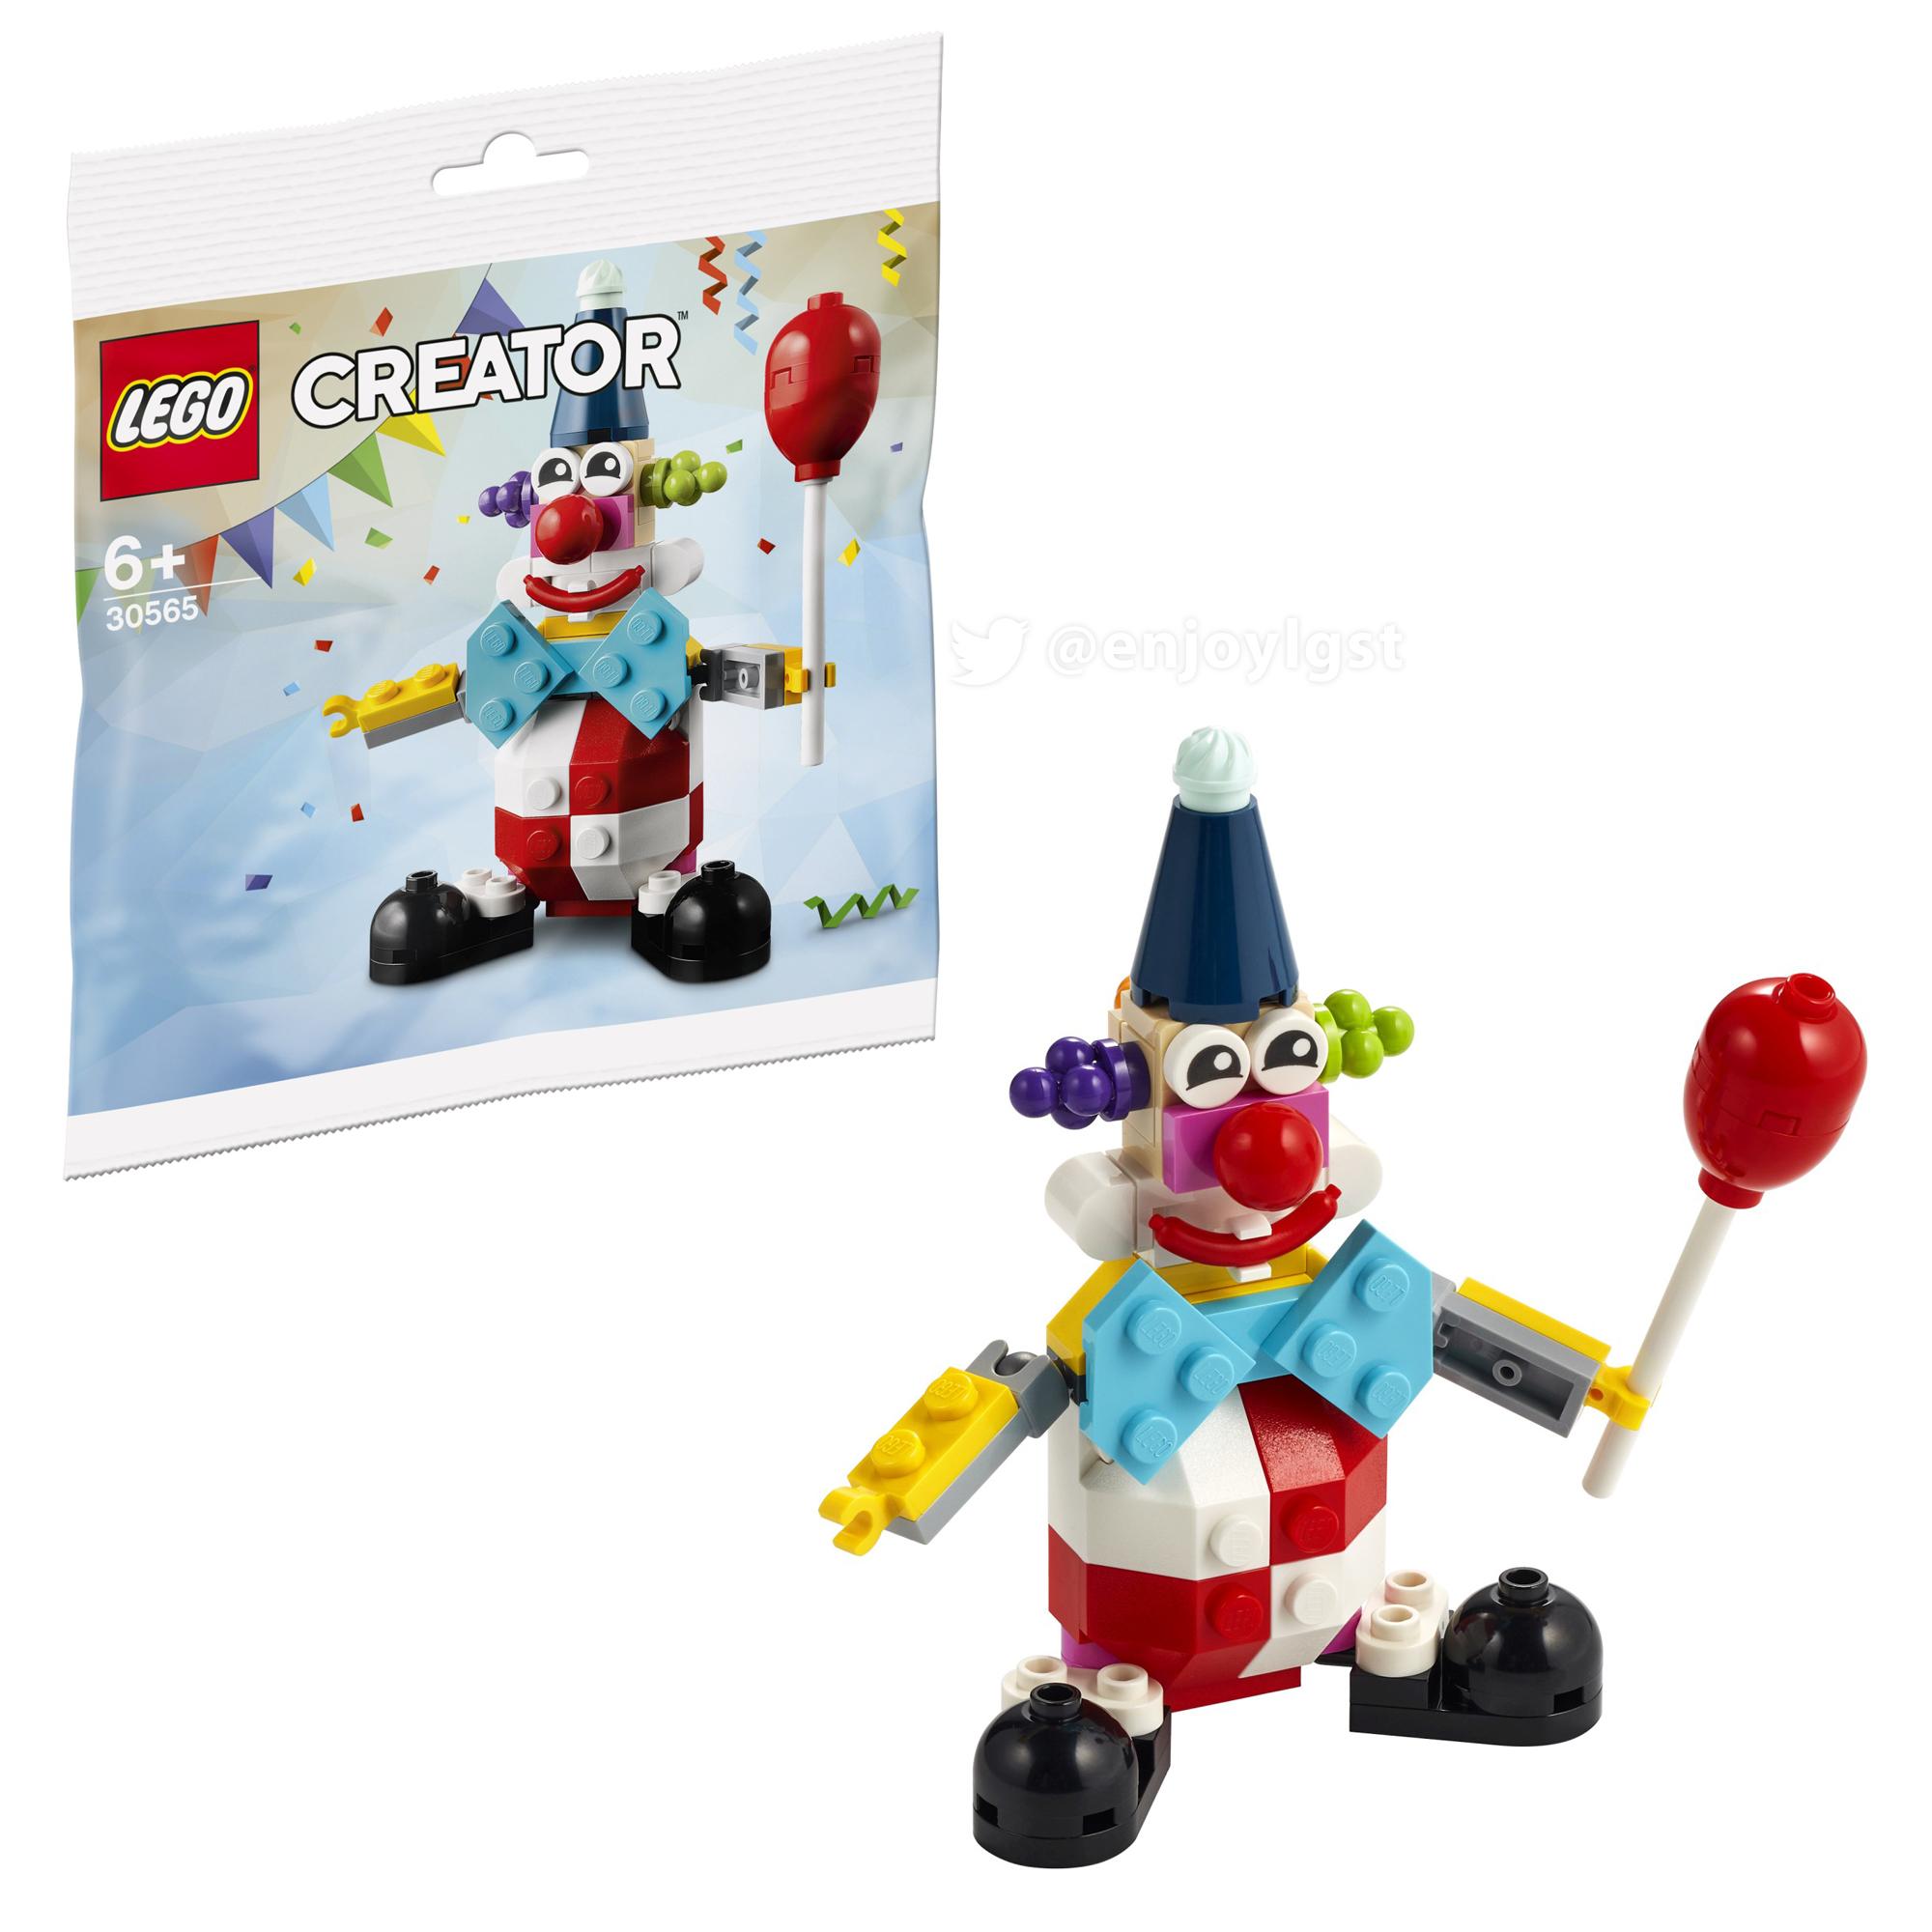 2021年レゴ ポリバッグ新製品情報:コンビニレゴや購入者プレゼントになるかも